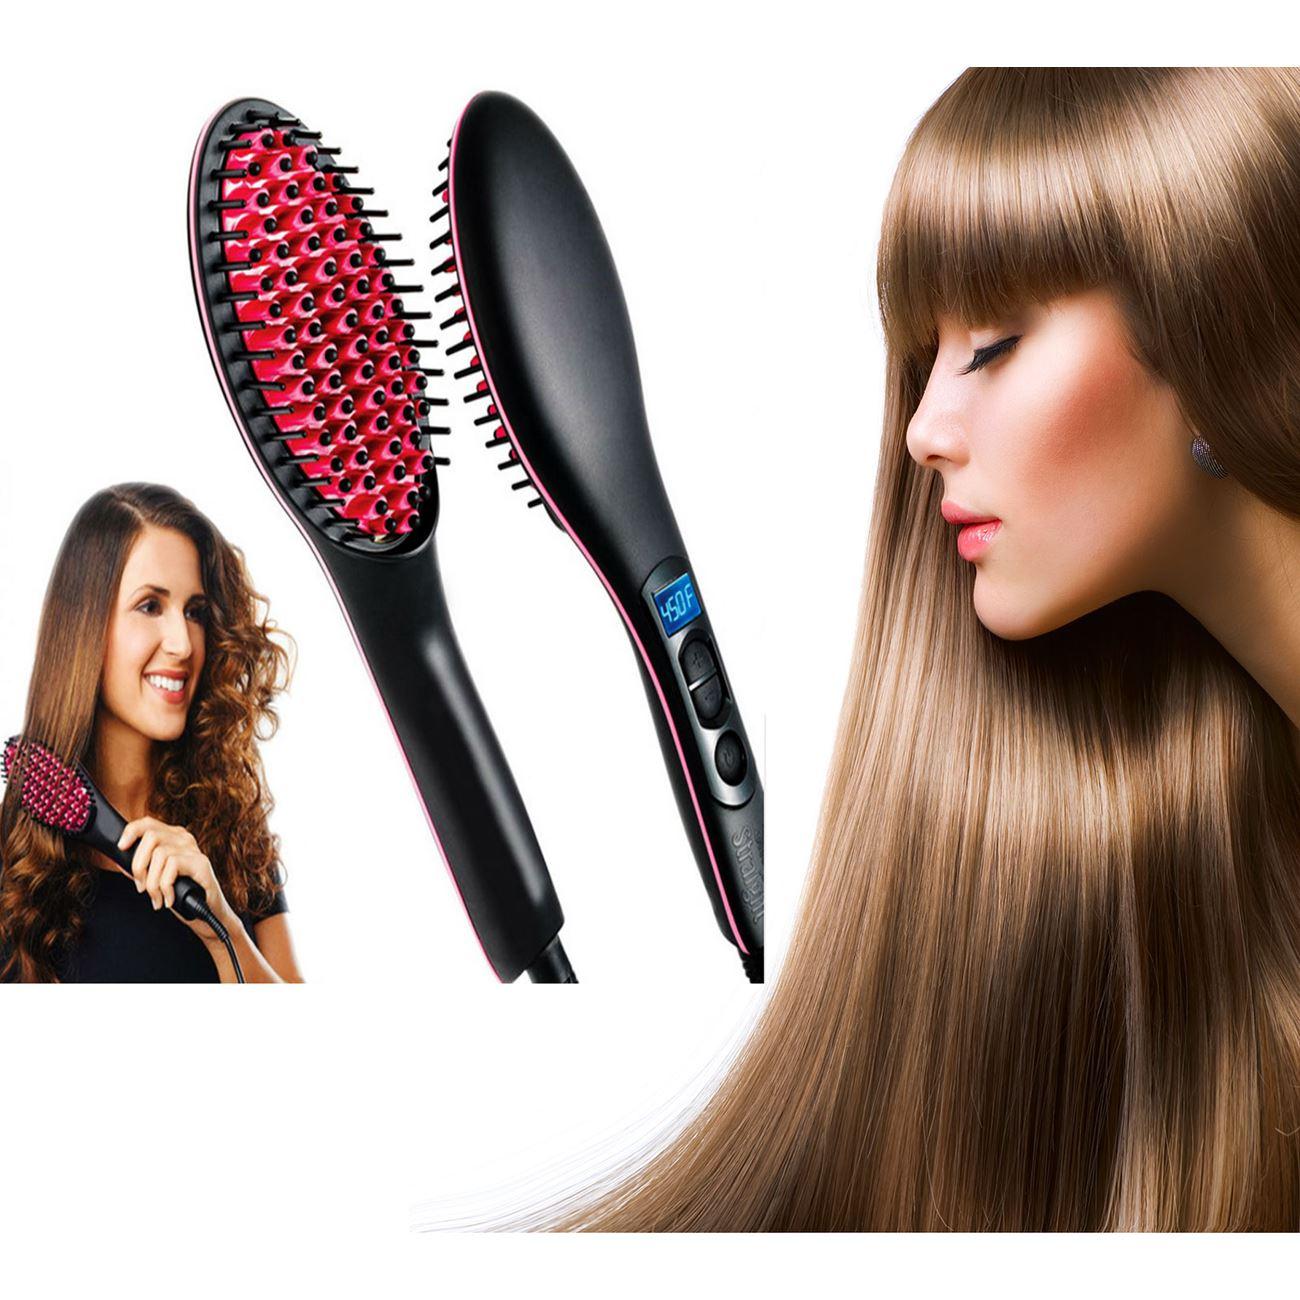 Κεραμική θερμαινόμενη βούρτσα ισιώματος μαλλιών με ψηφιακή ρύθμιση  θερμοκρασίας   Σεσουάρ-Σίδερα-Ψαλίδια μαλλιών  5bc2ff36d35